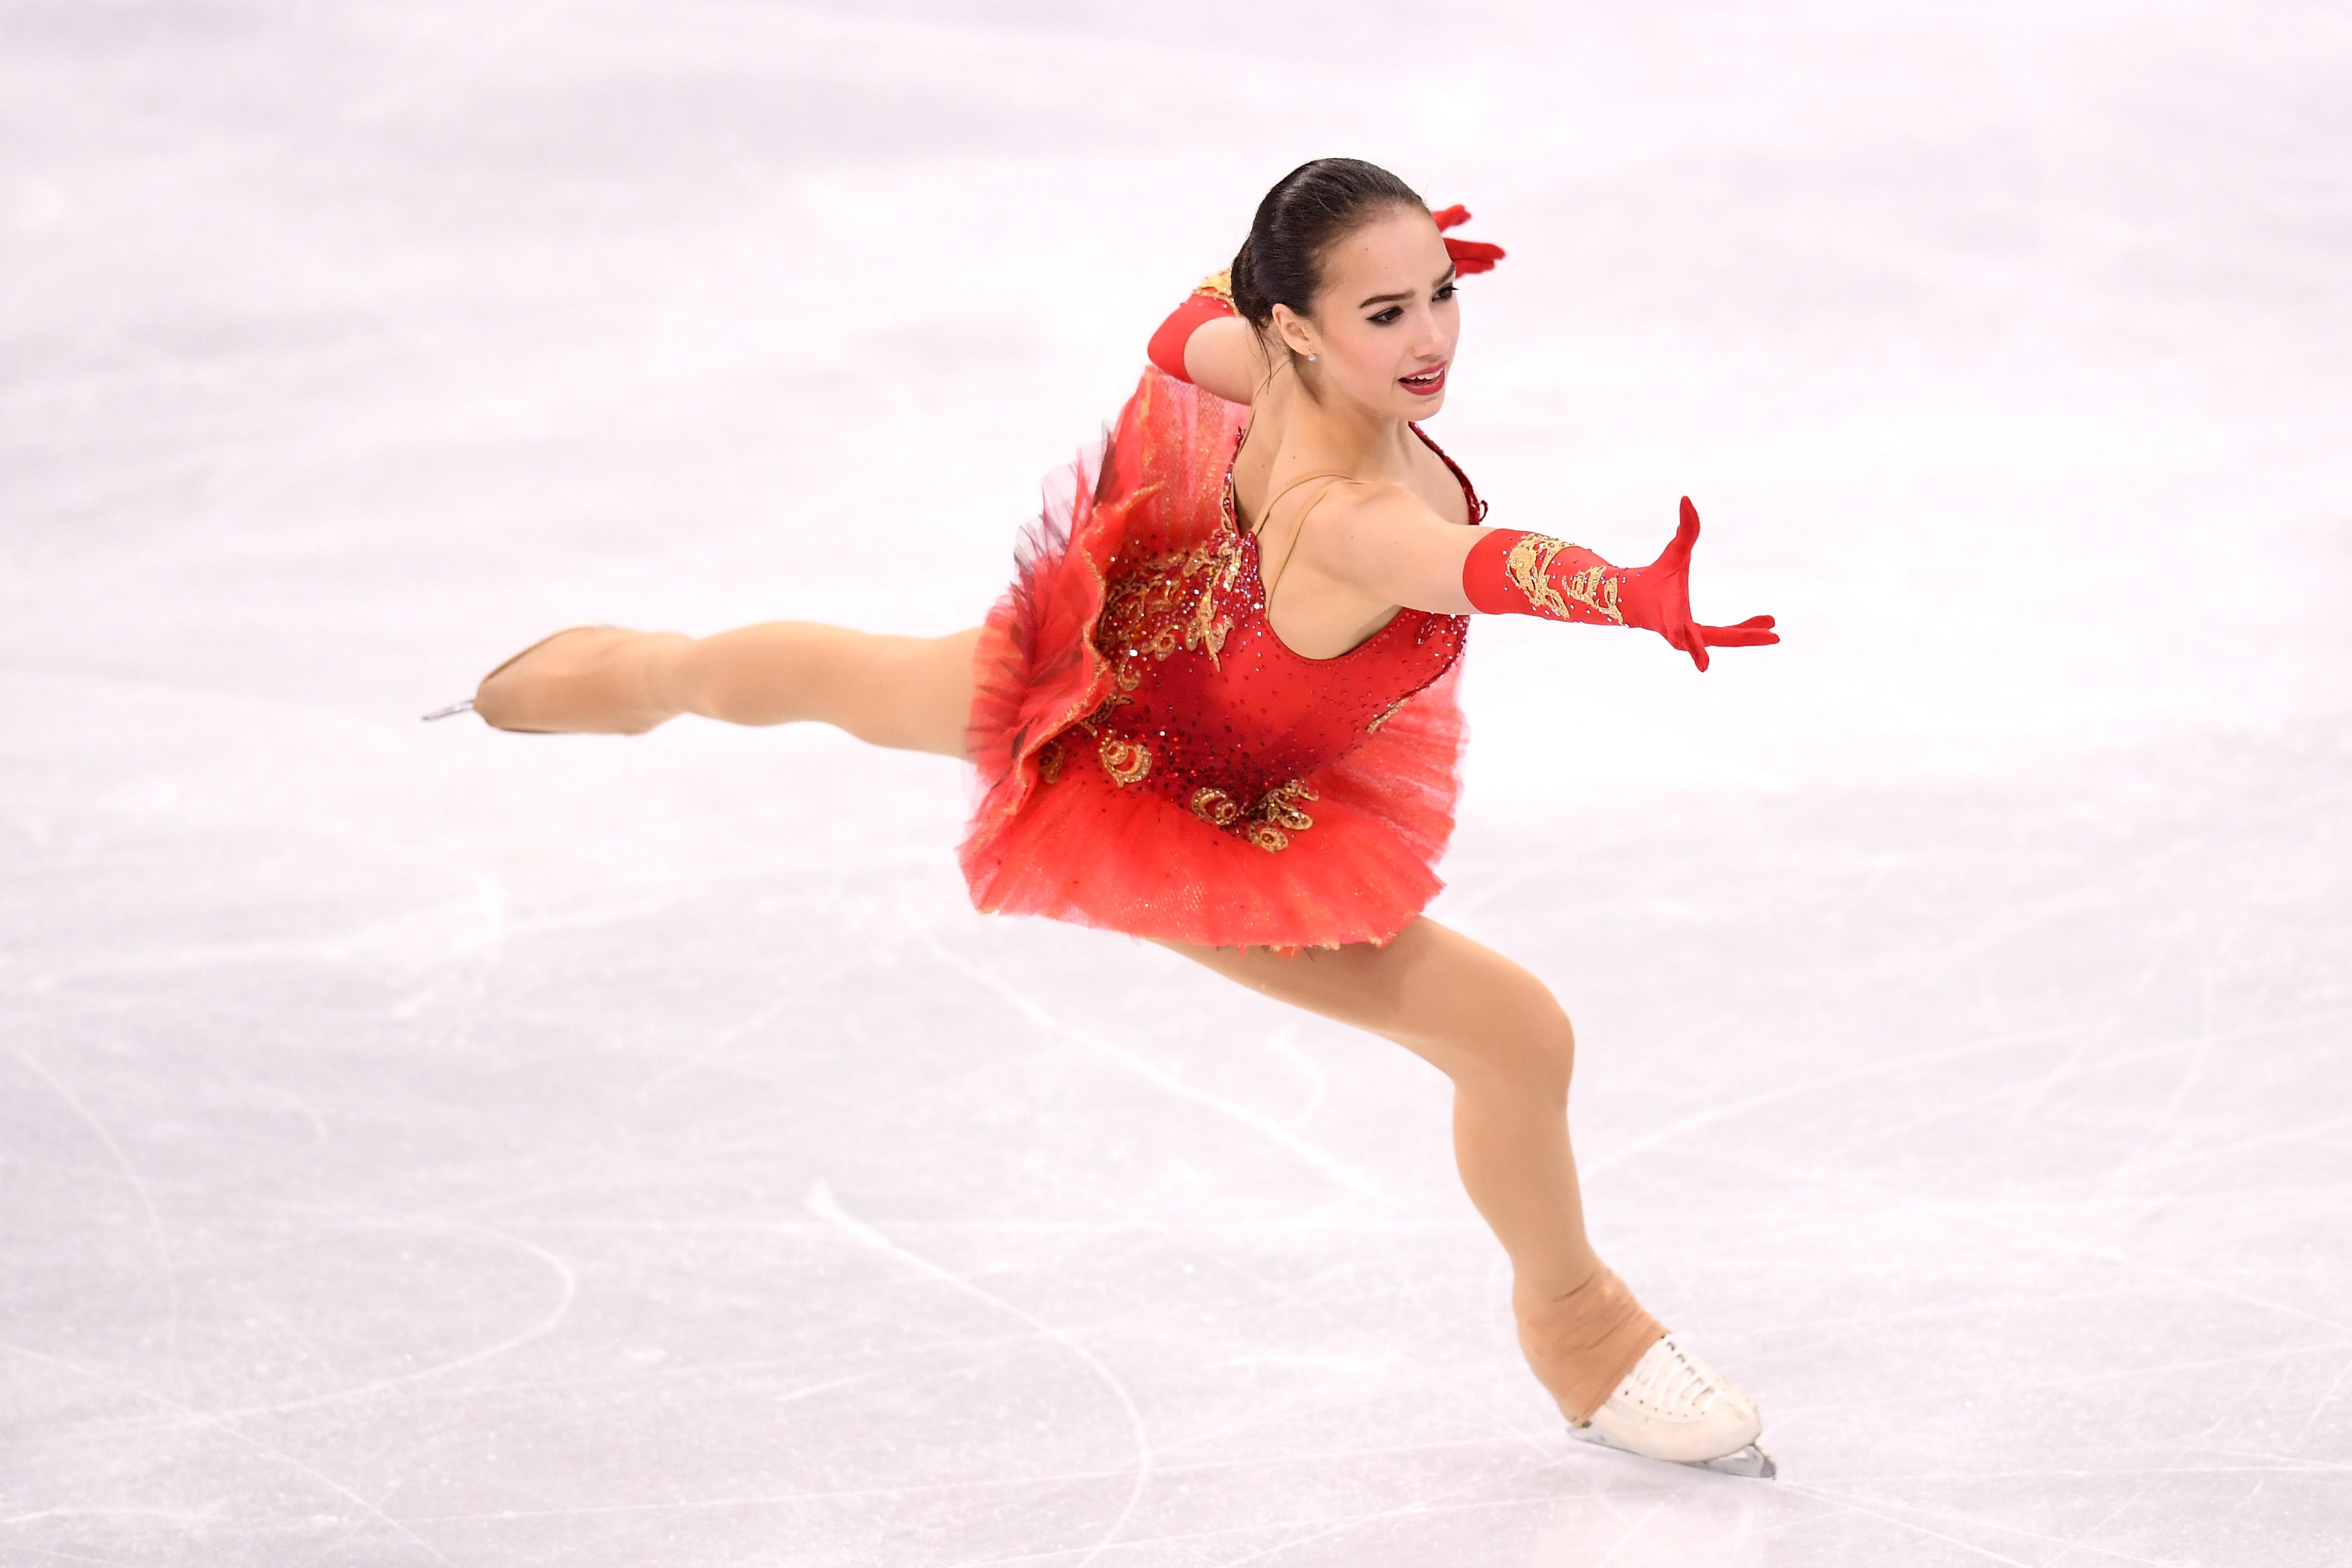 金メダルを獲得したアリーナ・ザギトワ【写真:Getty Images】